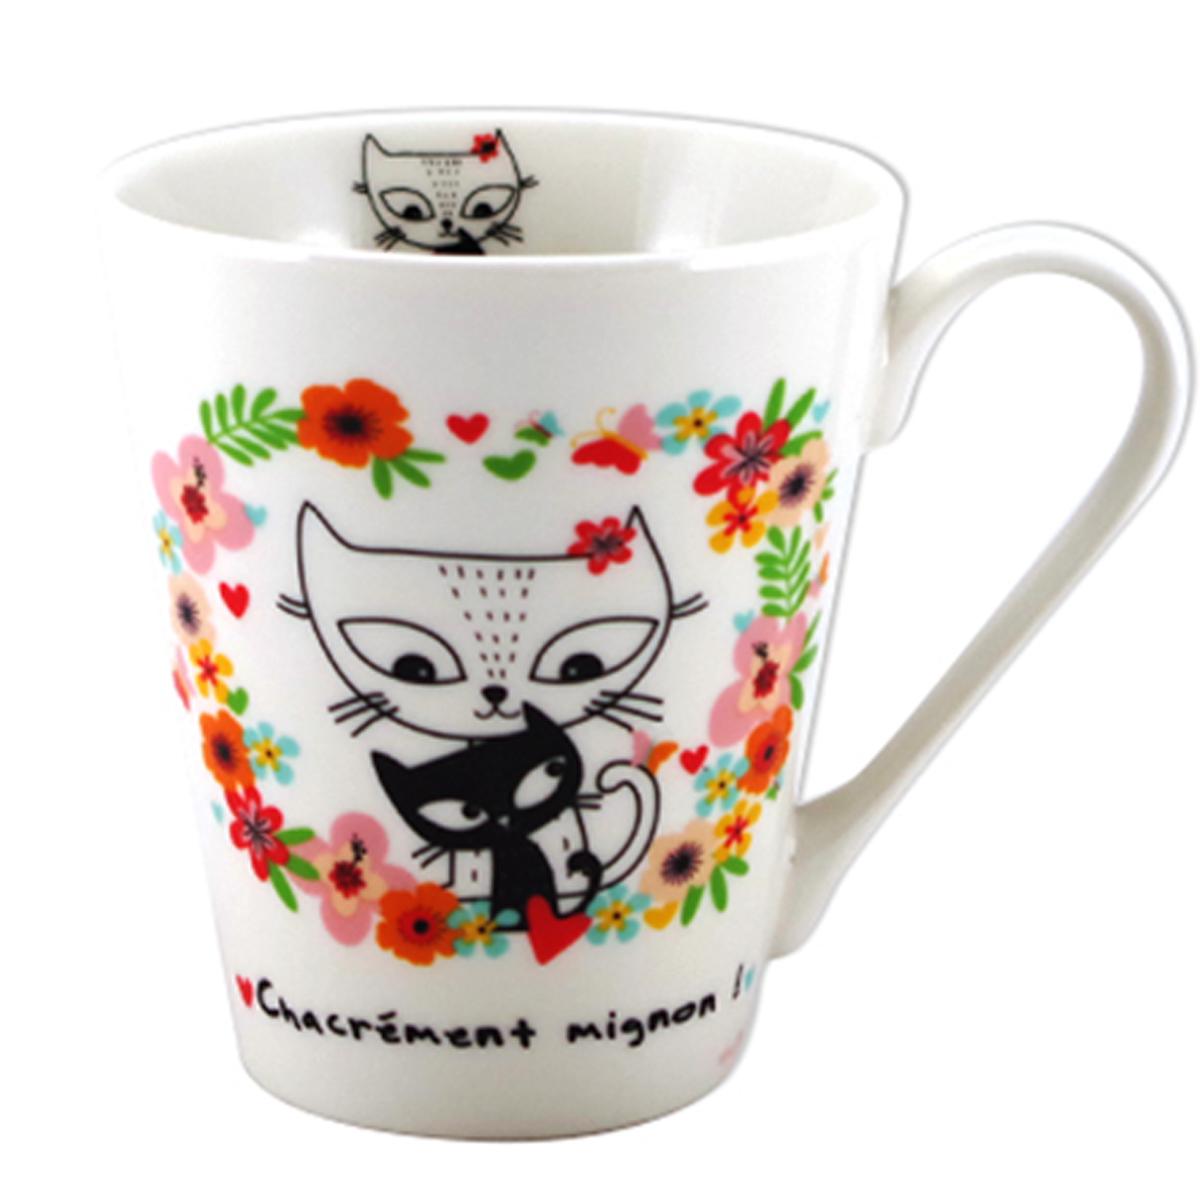 Mug porcelaine \'Chats\' multicolore (Chacrément mignon !) - 100x85 mm (32 cl) - [A2175]